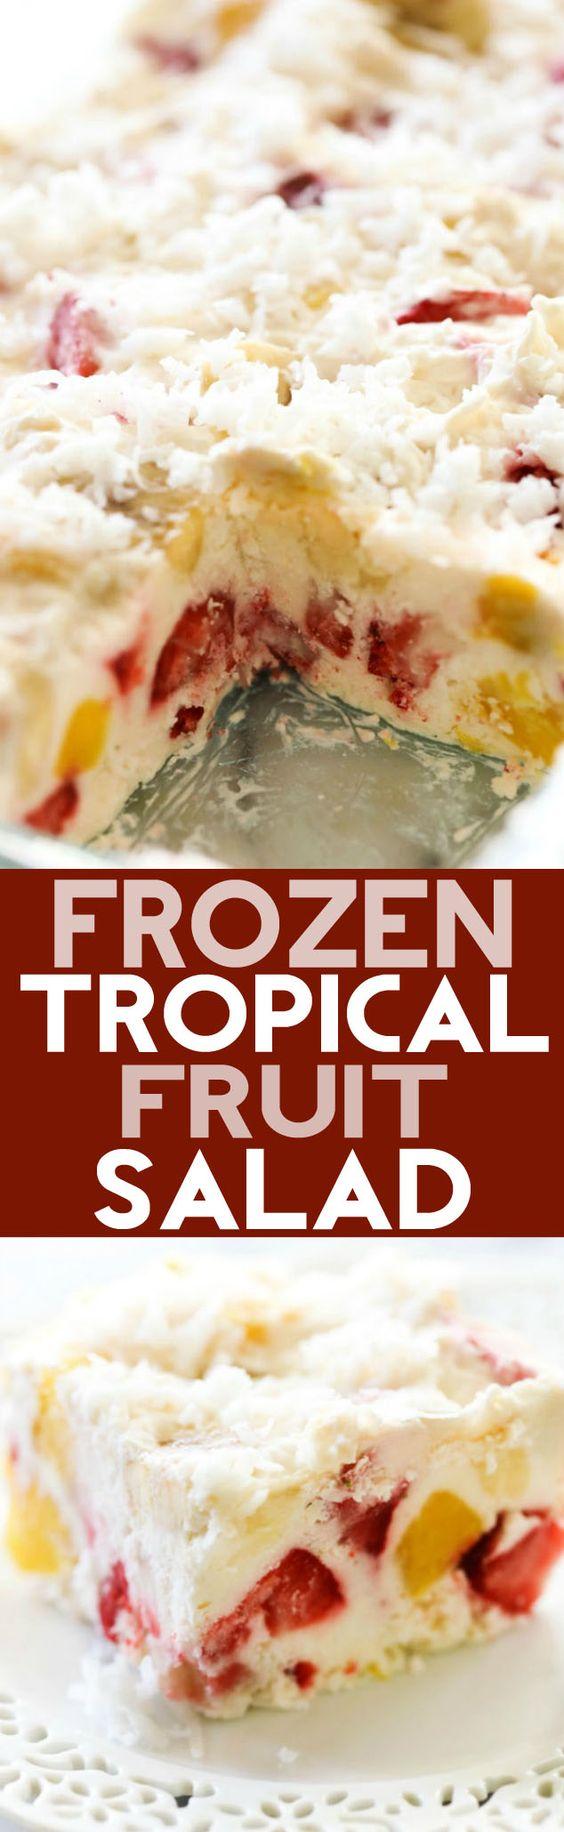 summer frozen summer salads fruit salads for the tropical fruit salad ...